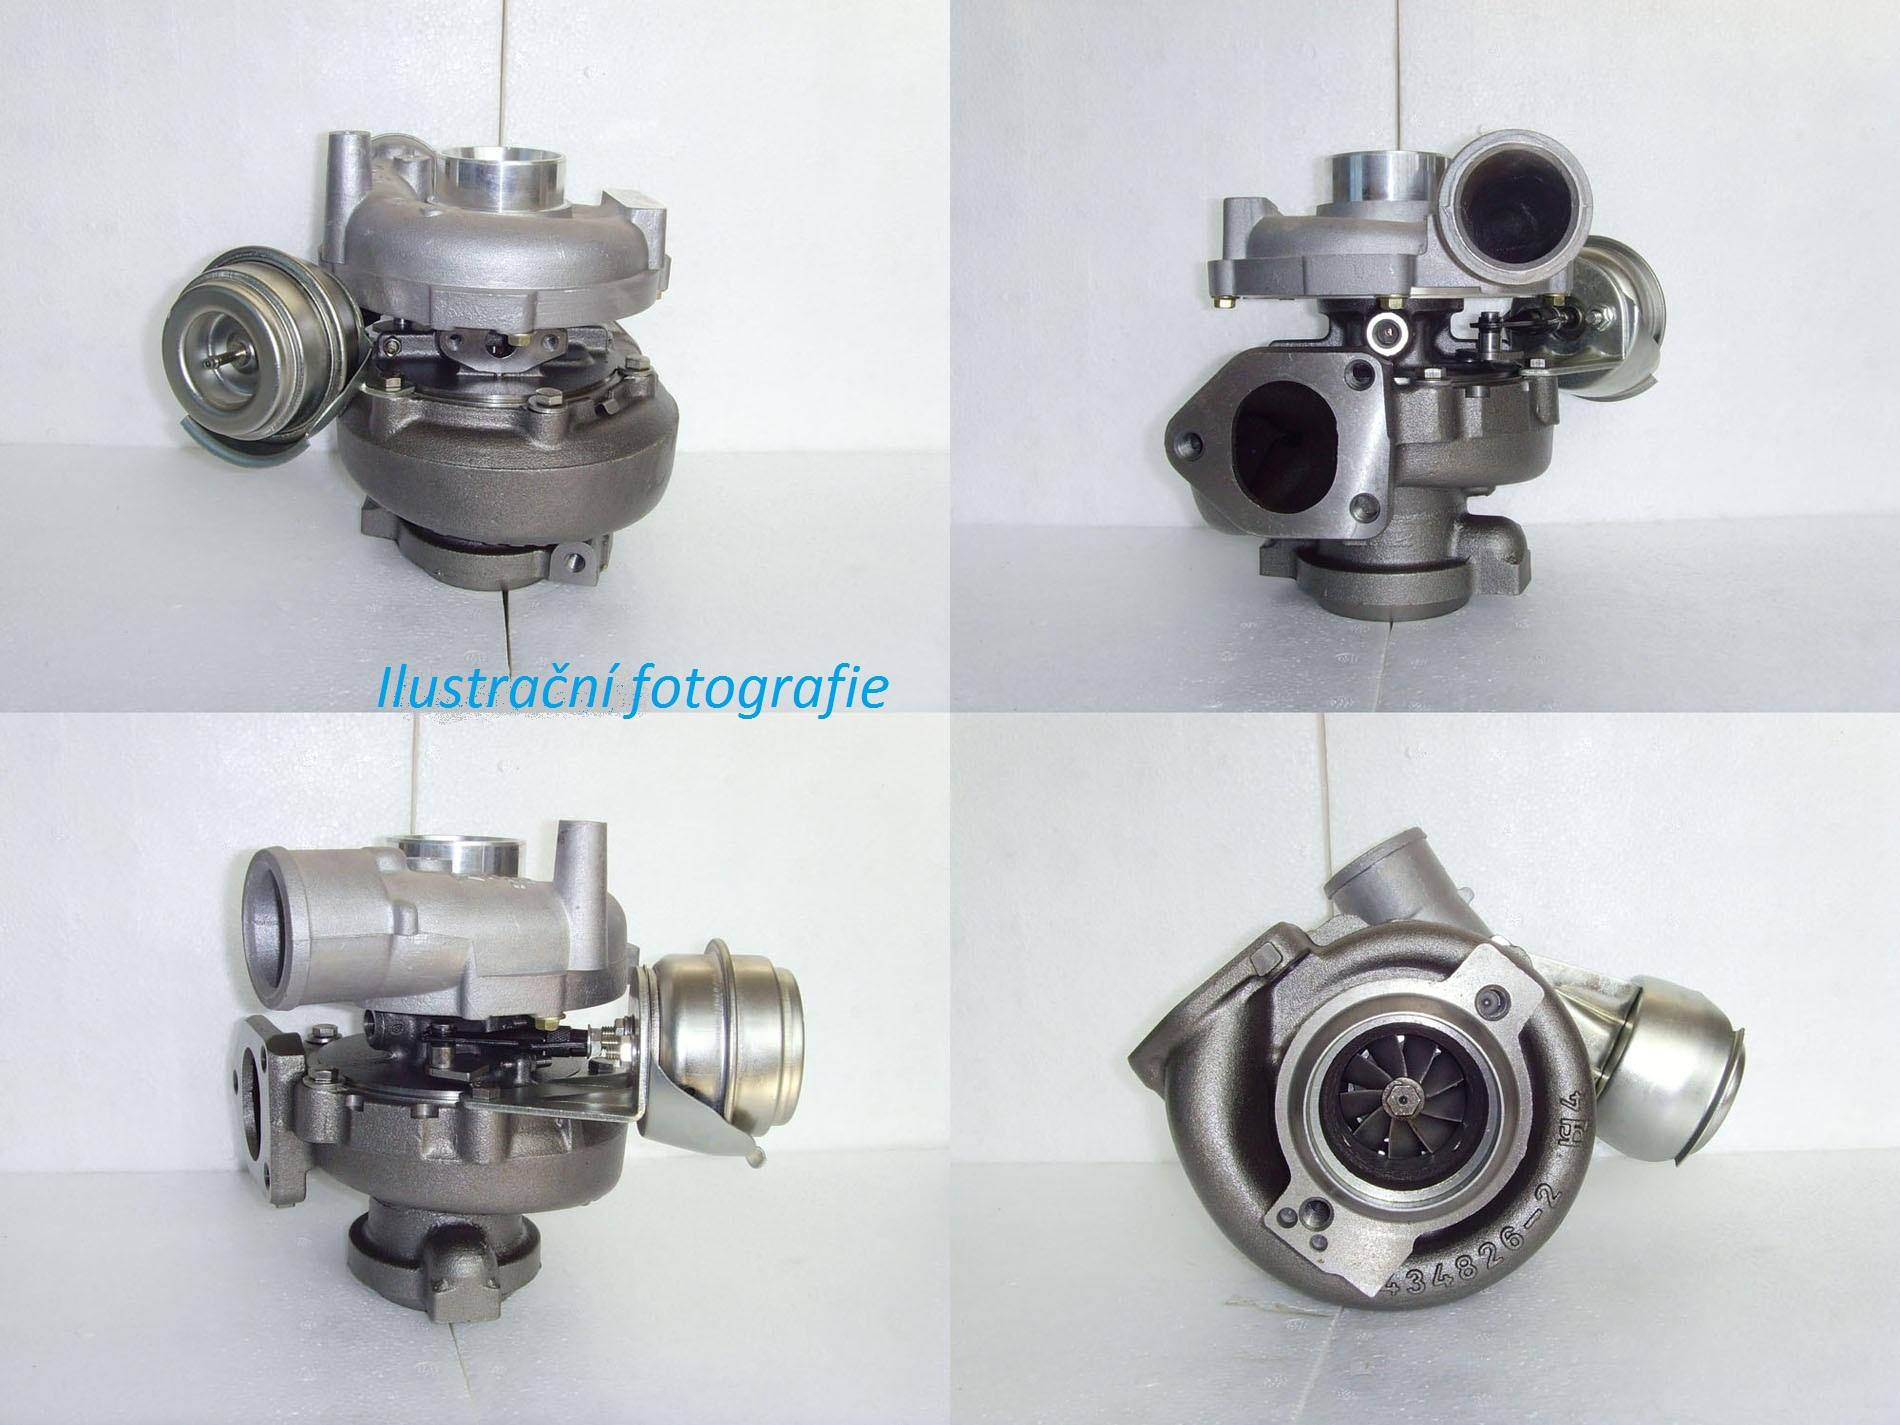 Nové turbodmychadlo BMW 530d, r.v. 98 -05, 135 - 142 KW Motorizace: 3.0d / 135 - 142 KW